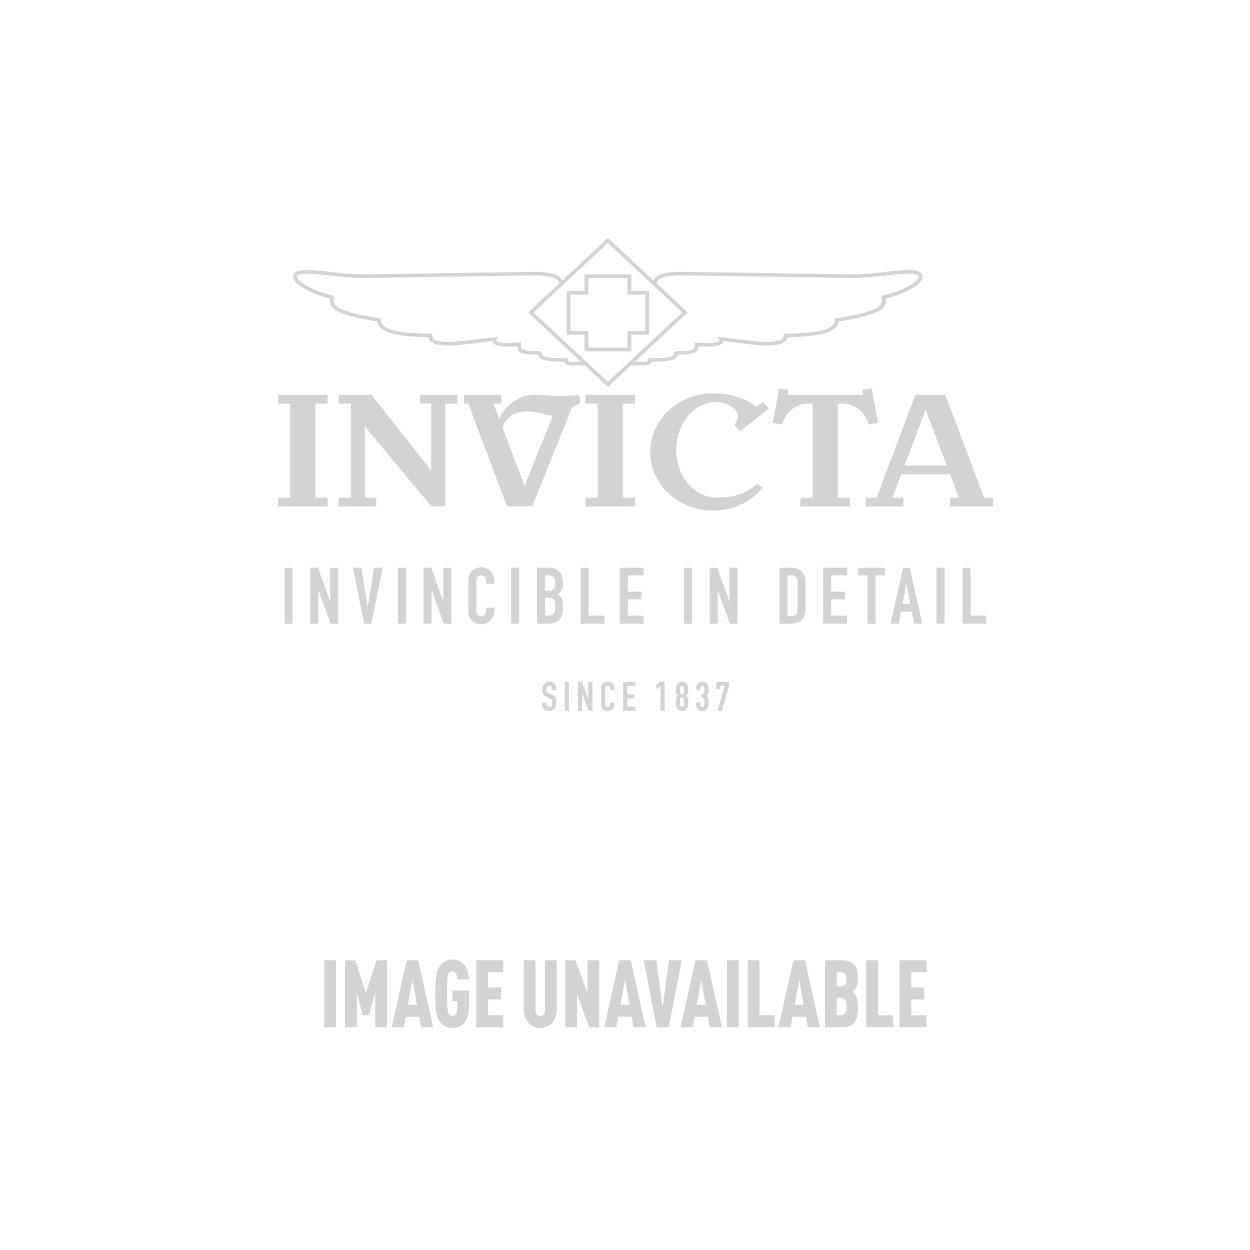 Invicta Model 25555